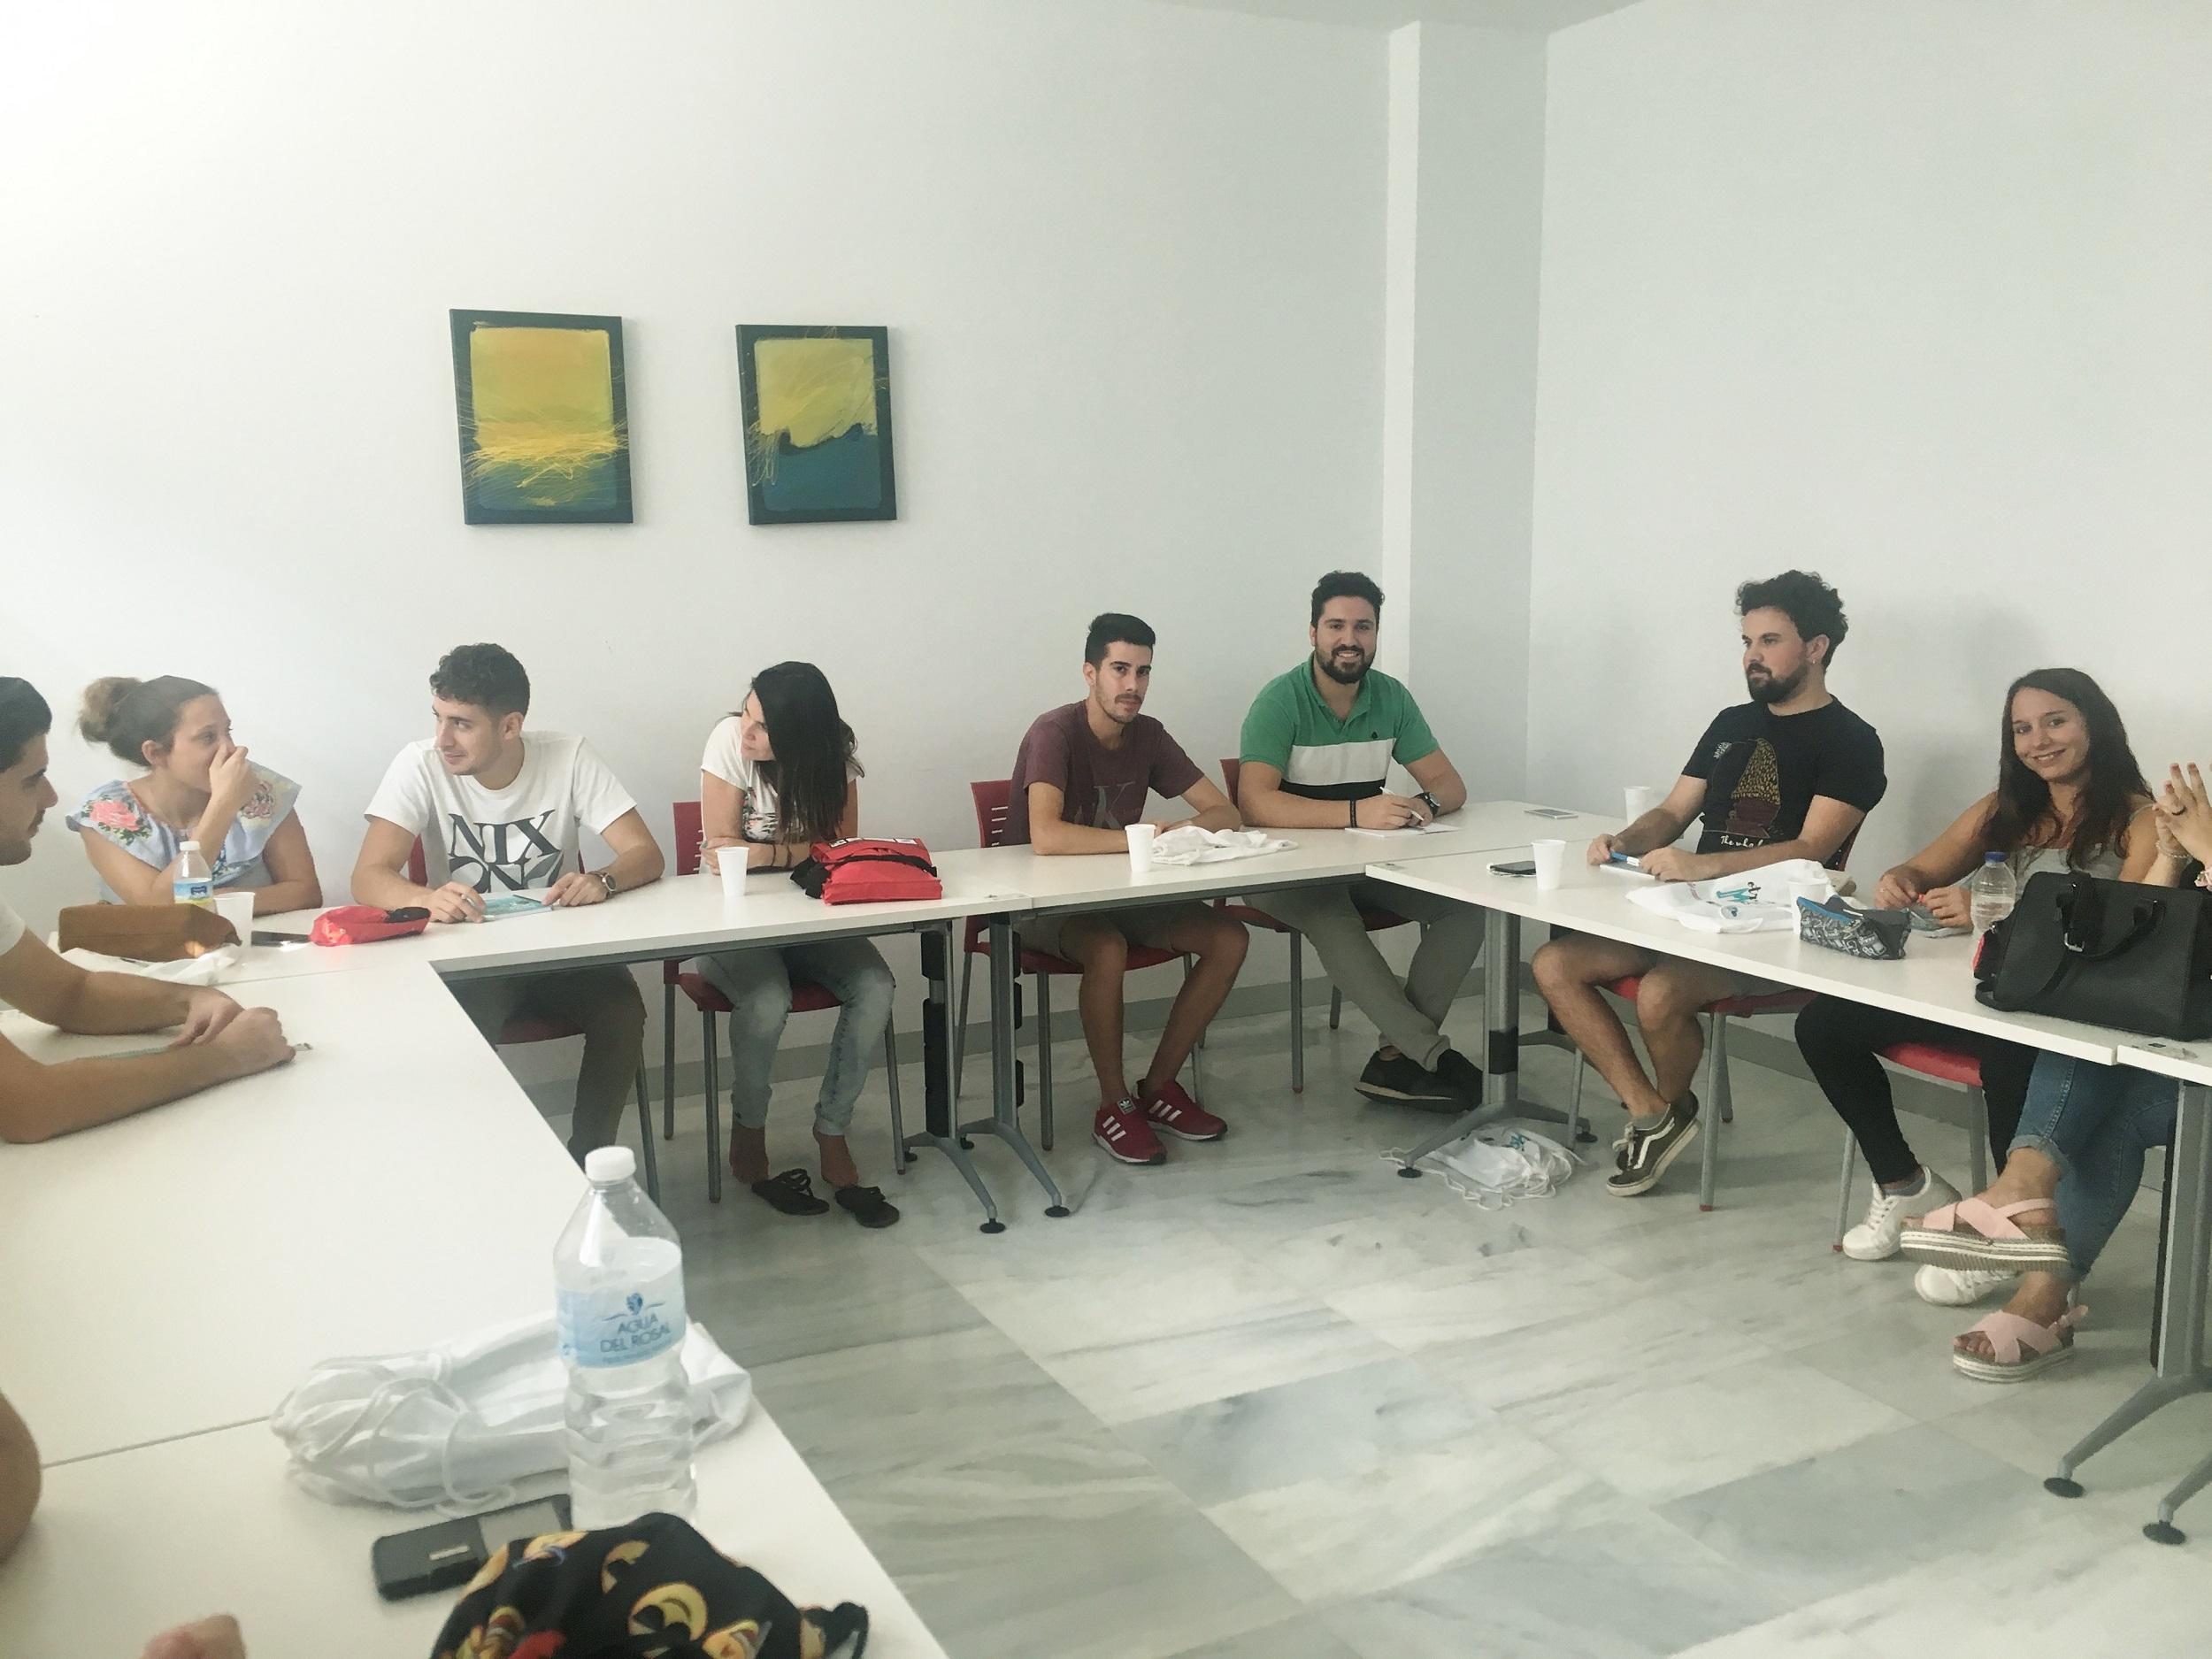 foto 4 Comunicación eficaz Villafranca